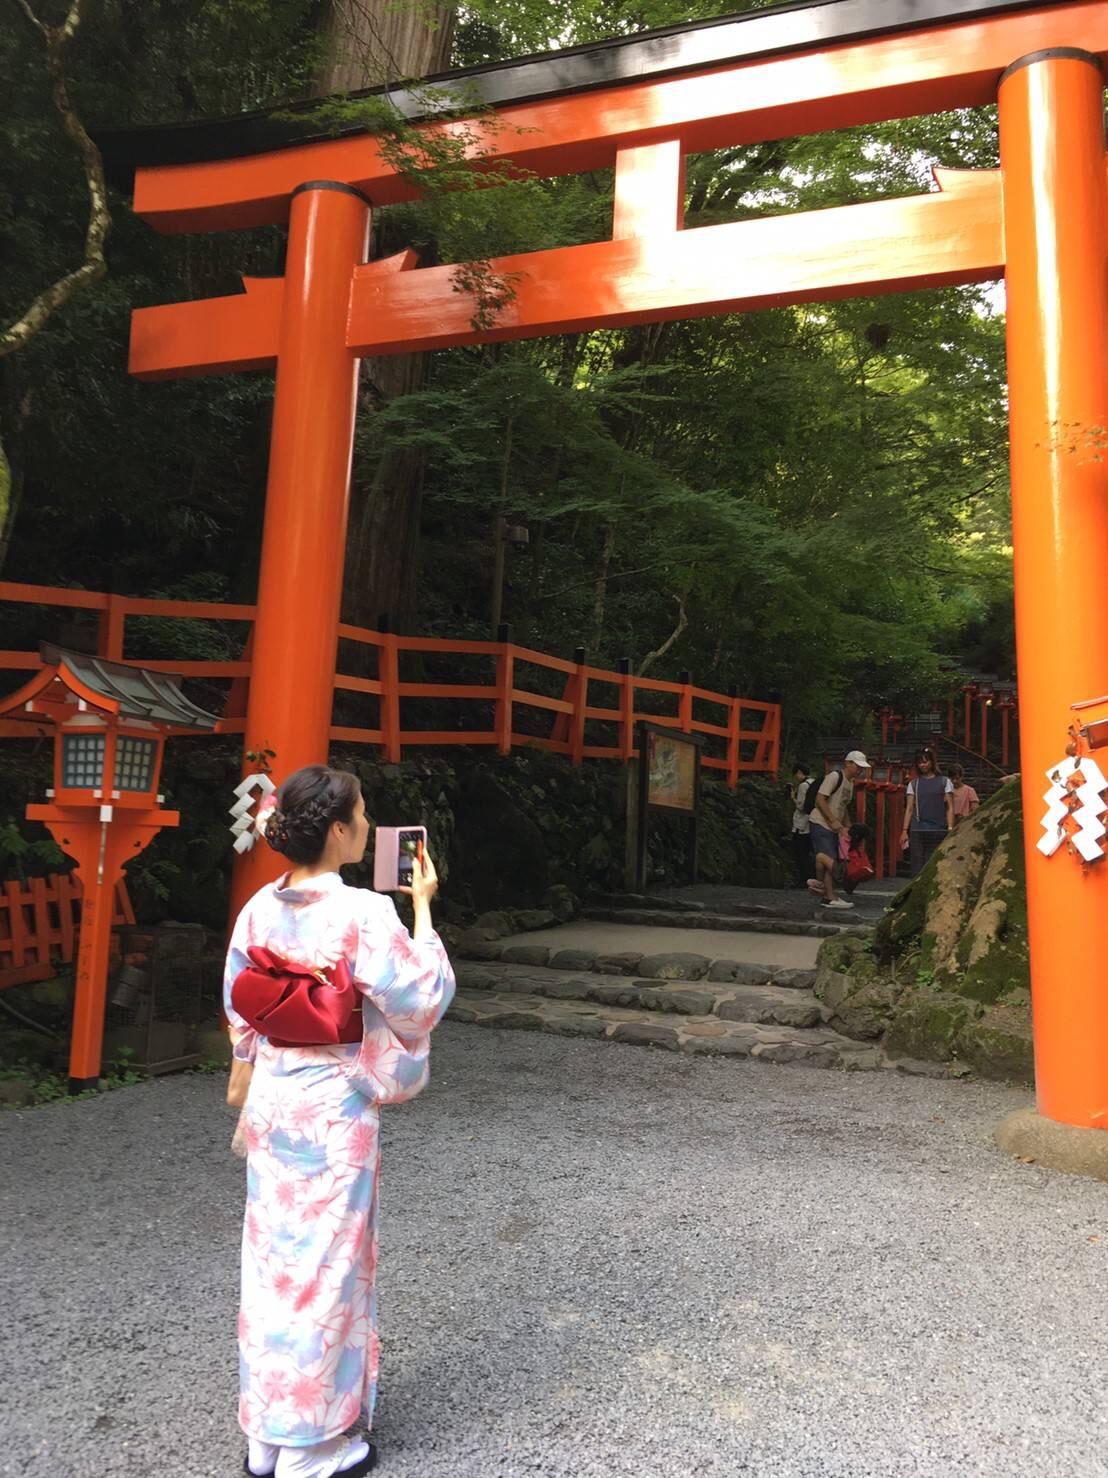 祇園祭 後祭 山鉾巡行など京都を満喫♪2019年7月24日5